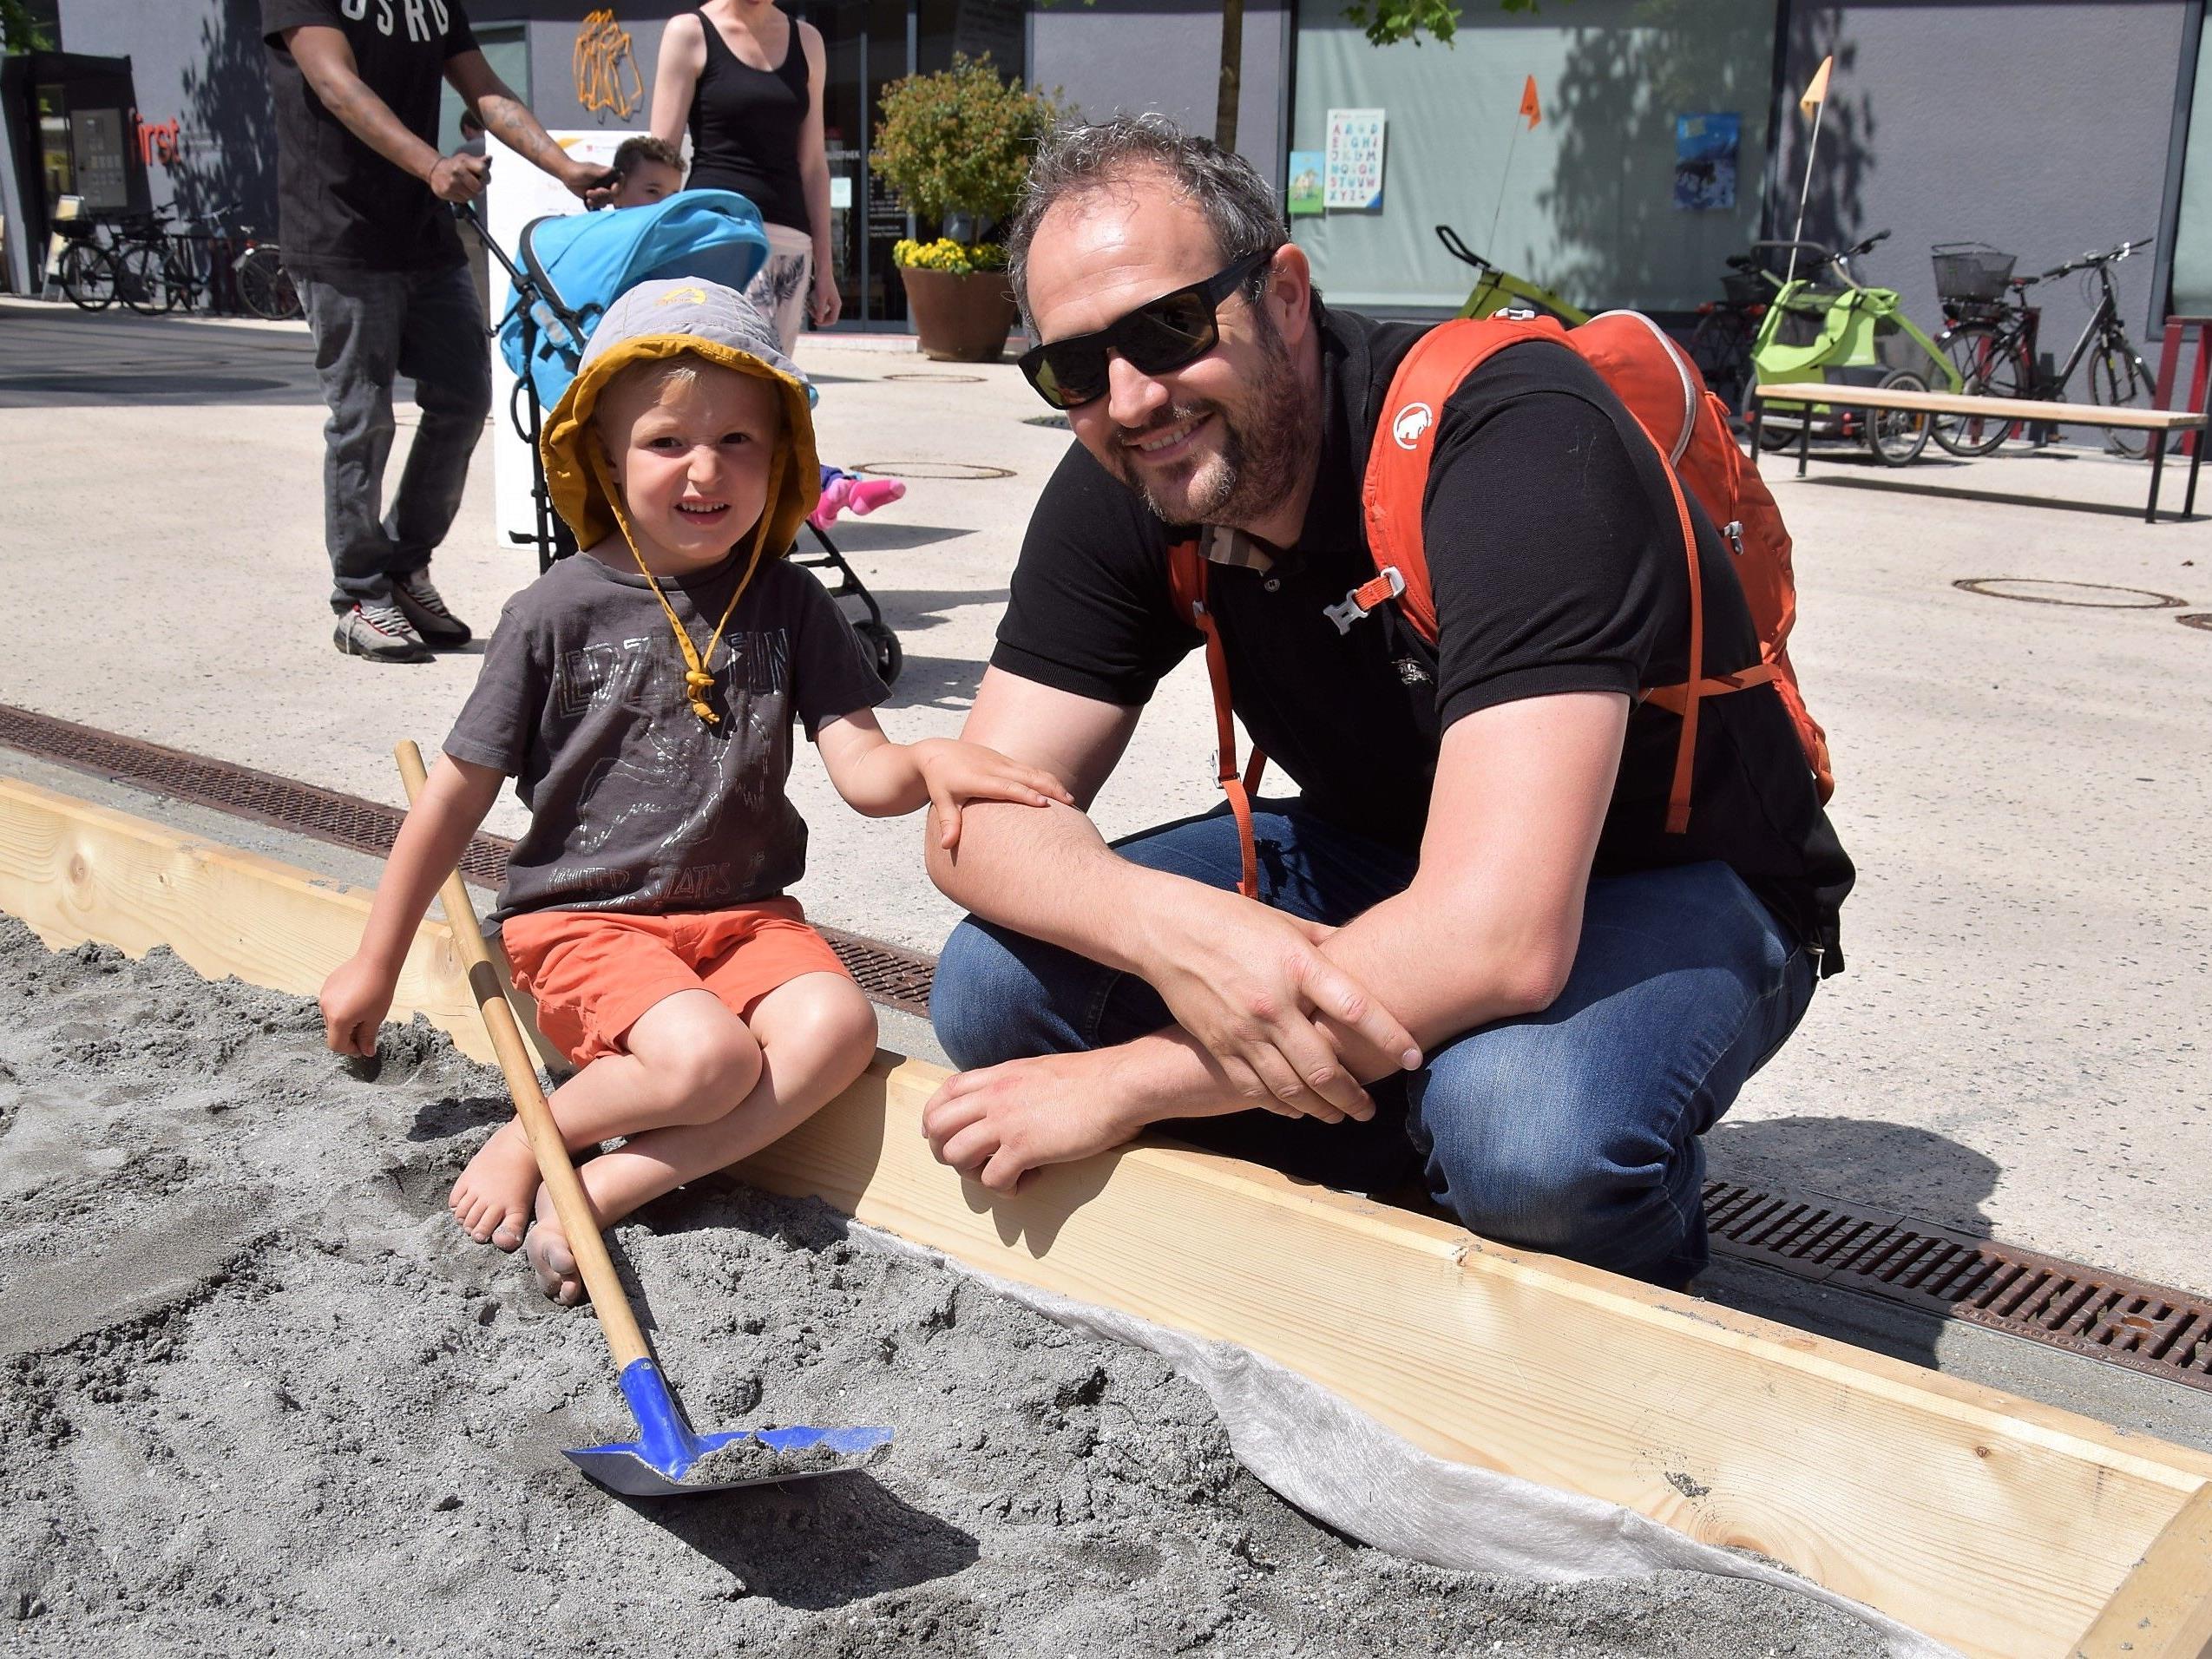 Auch Leander (3 1/2 Jahre) kam mit Papa Pascal an den Garnmarkt, um den großen Sandkasten auszuprobieren